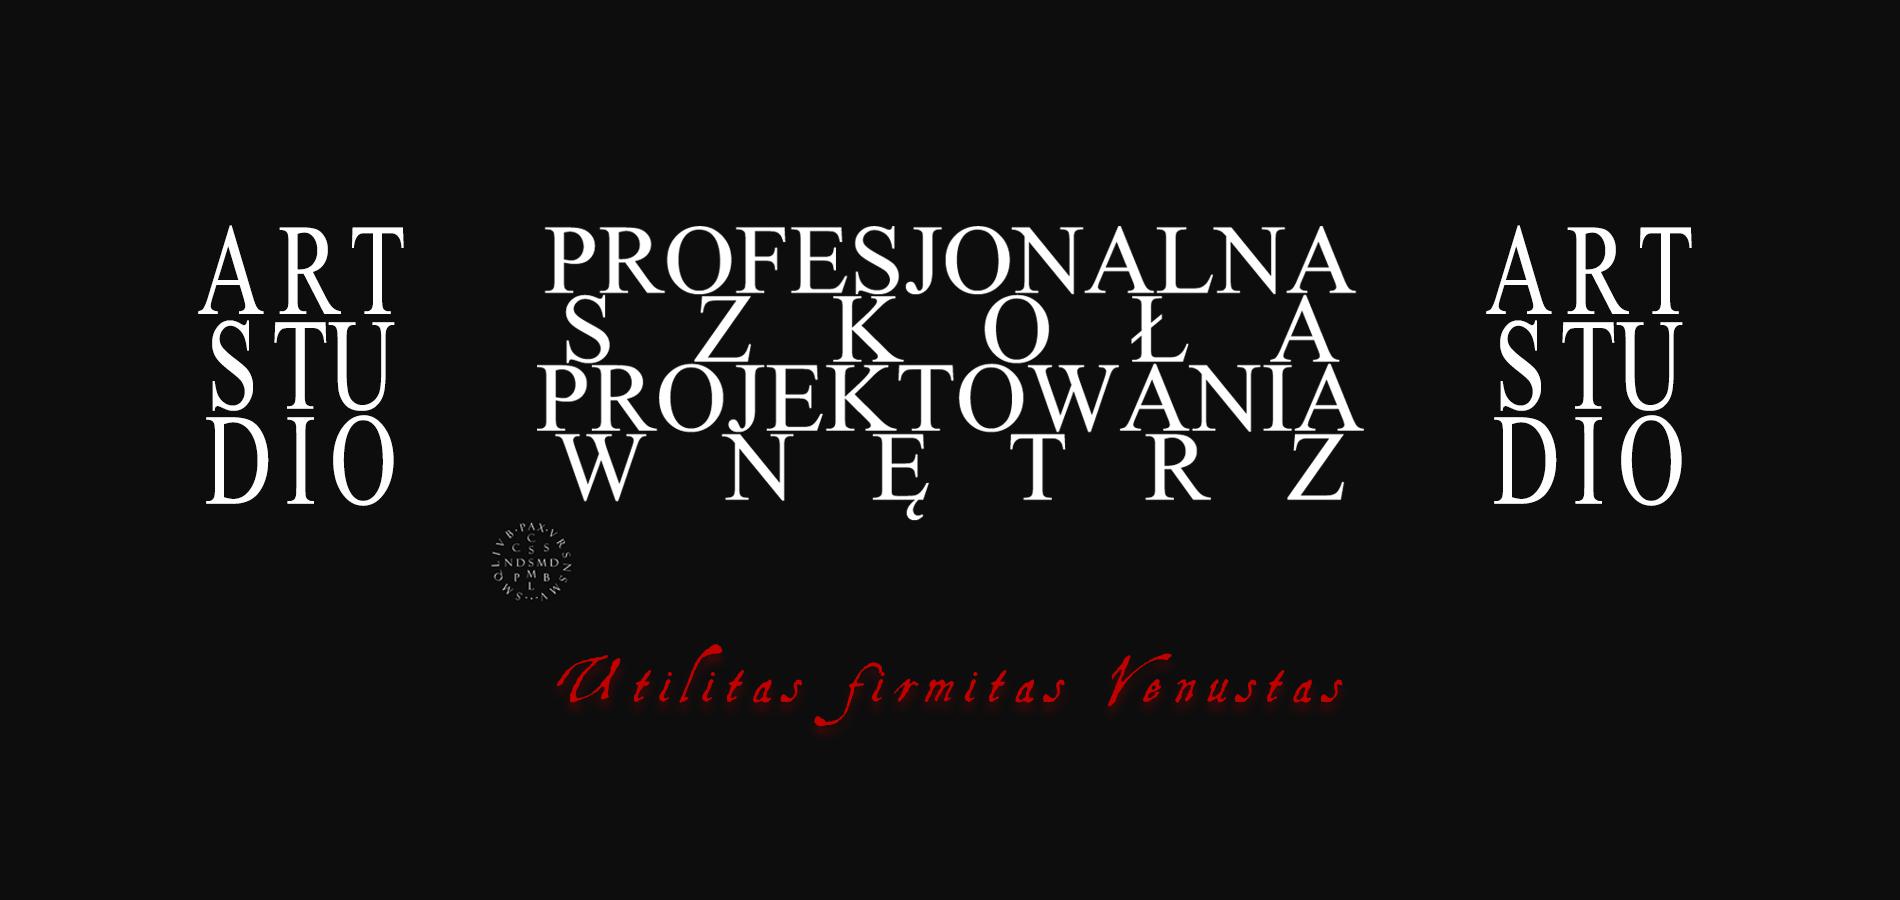 ArtStudio - Profesjonalna Szkoła Projektowania Wnętrz